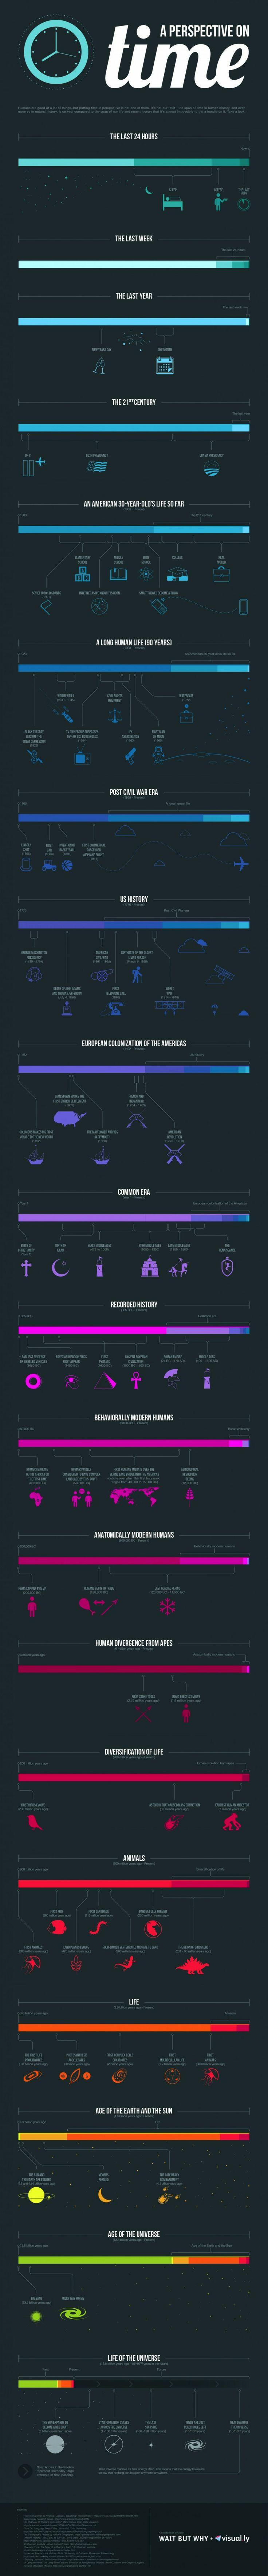 Desde las últimas 24 horas, hasta la Edad del Universo. Esta excelente infografía pone, poco a poco, el tiempo en contexto